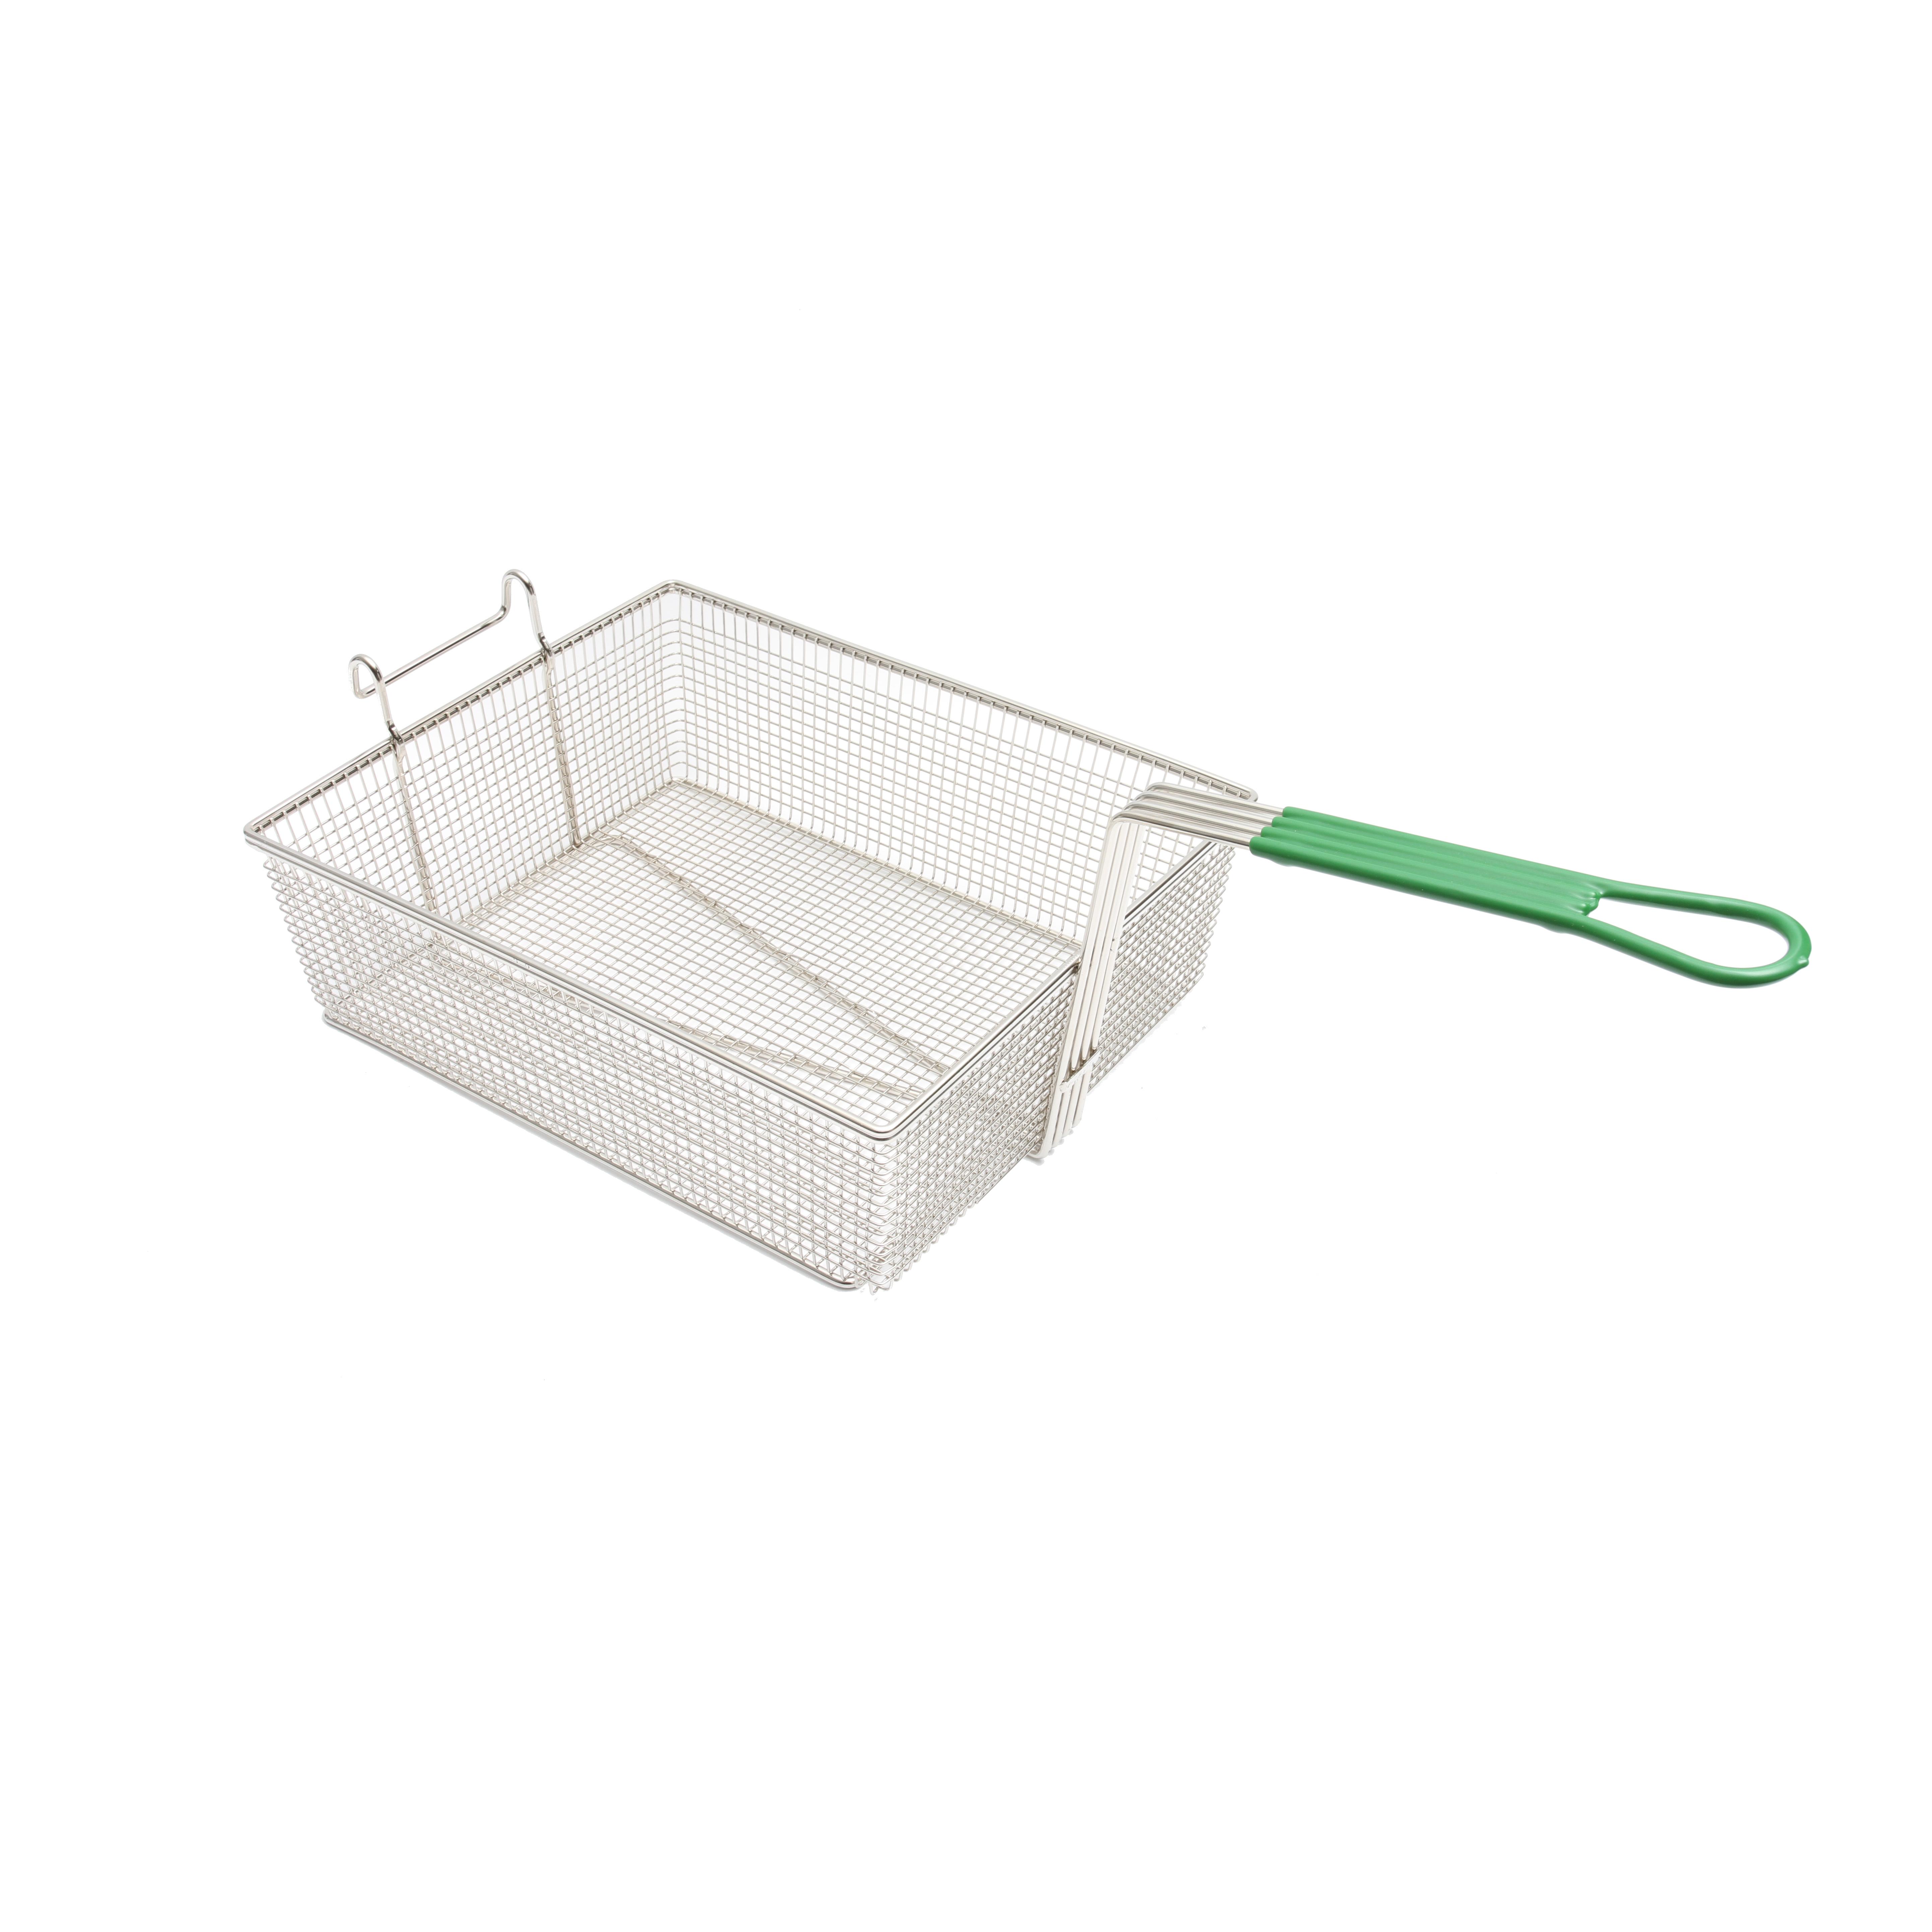 Frymaster 803-0015 fryer basket